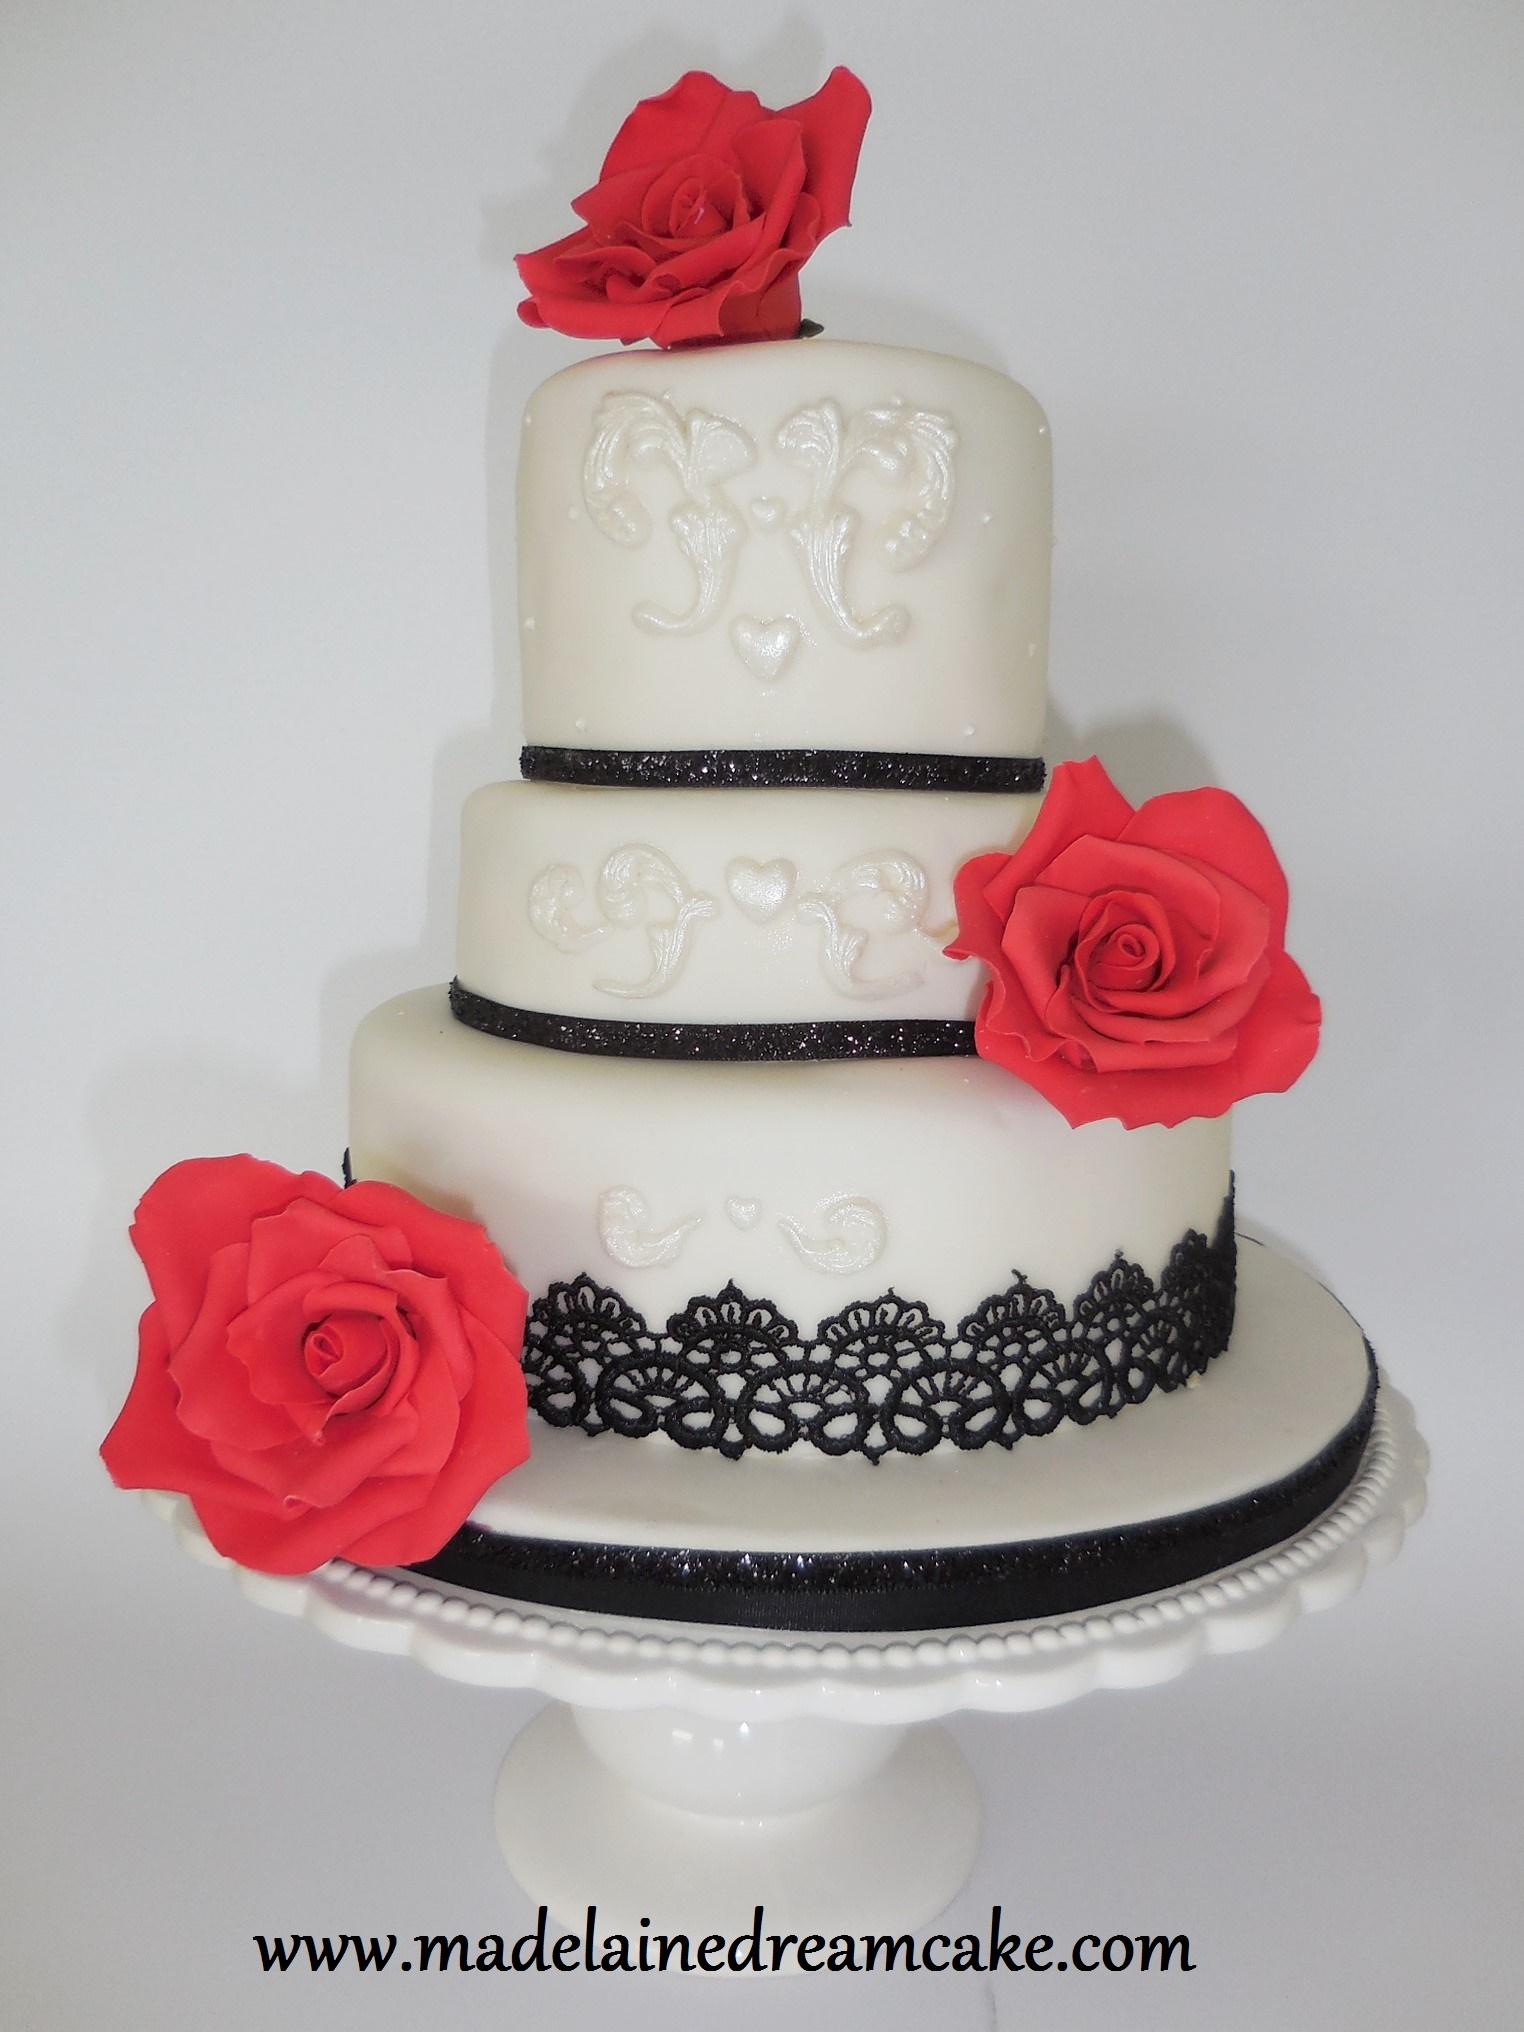 Hochzeitstorte Mit Roten Rosen Madelainedreamcake